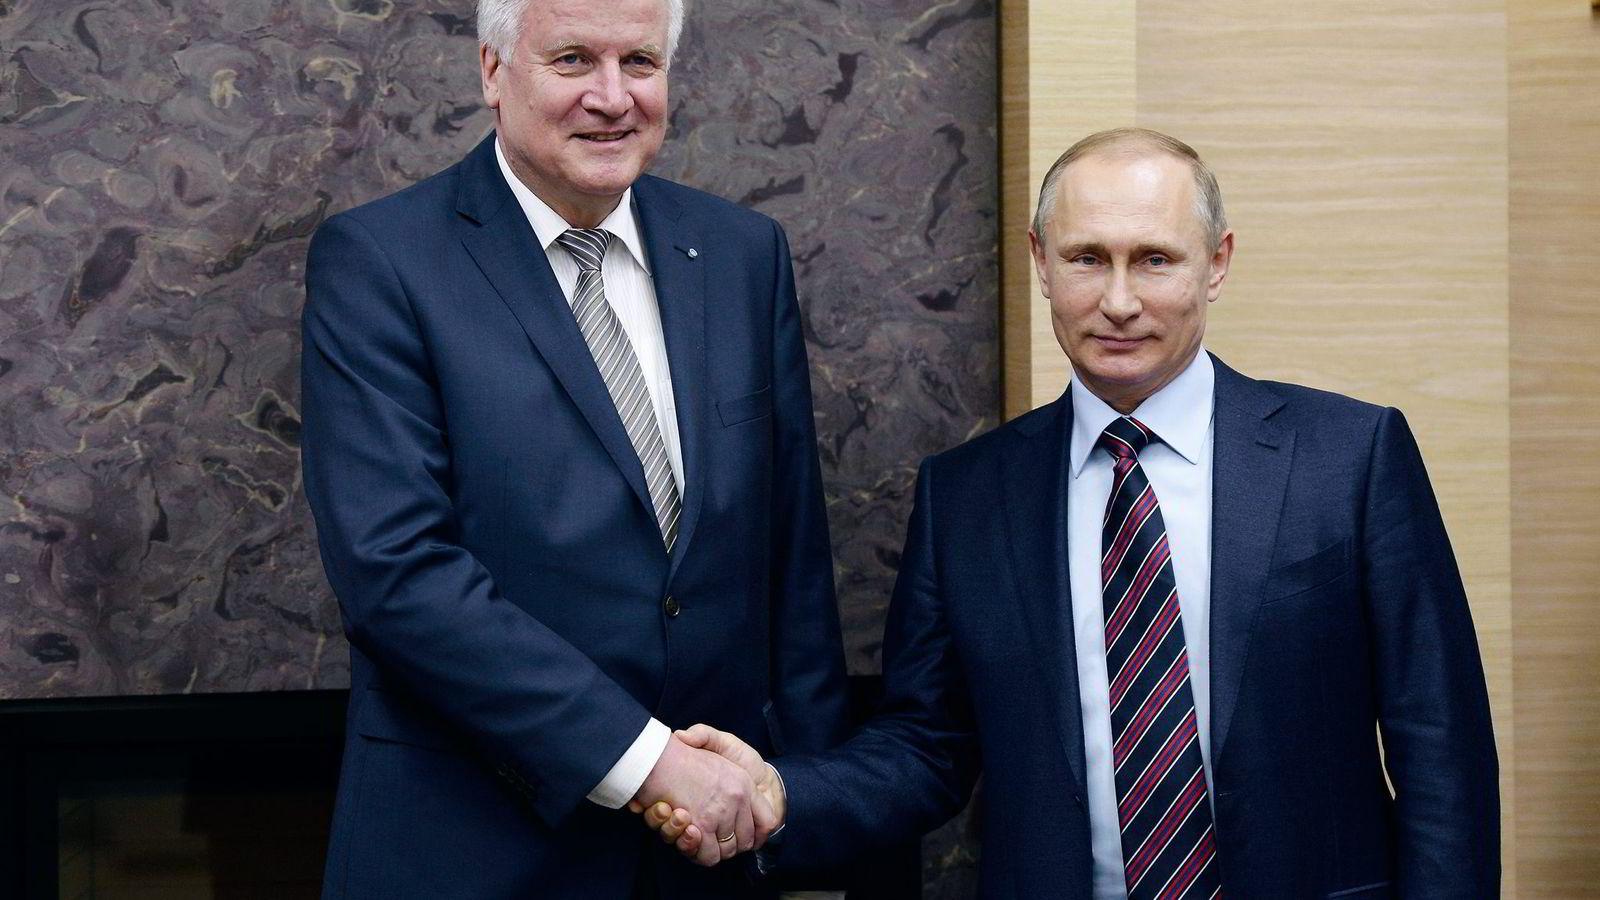 Bayerns øverste politiske leder Horst Seehofer var denne uken på en meget kontroversiell visitt hjemme hos Vladimir Putin i Moskva. Foto: Alexei Nikolsky, Reuters/NTB Scanpix